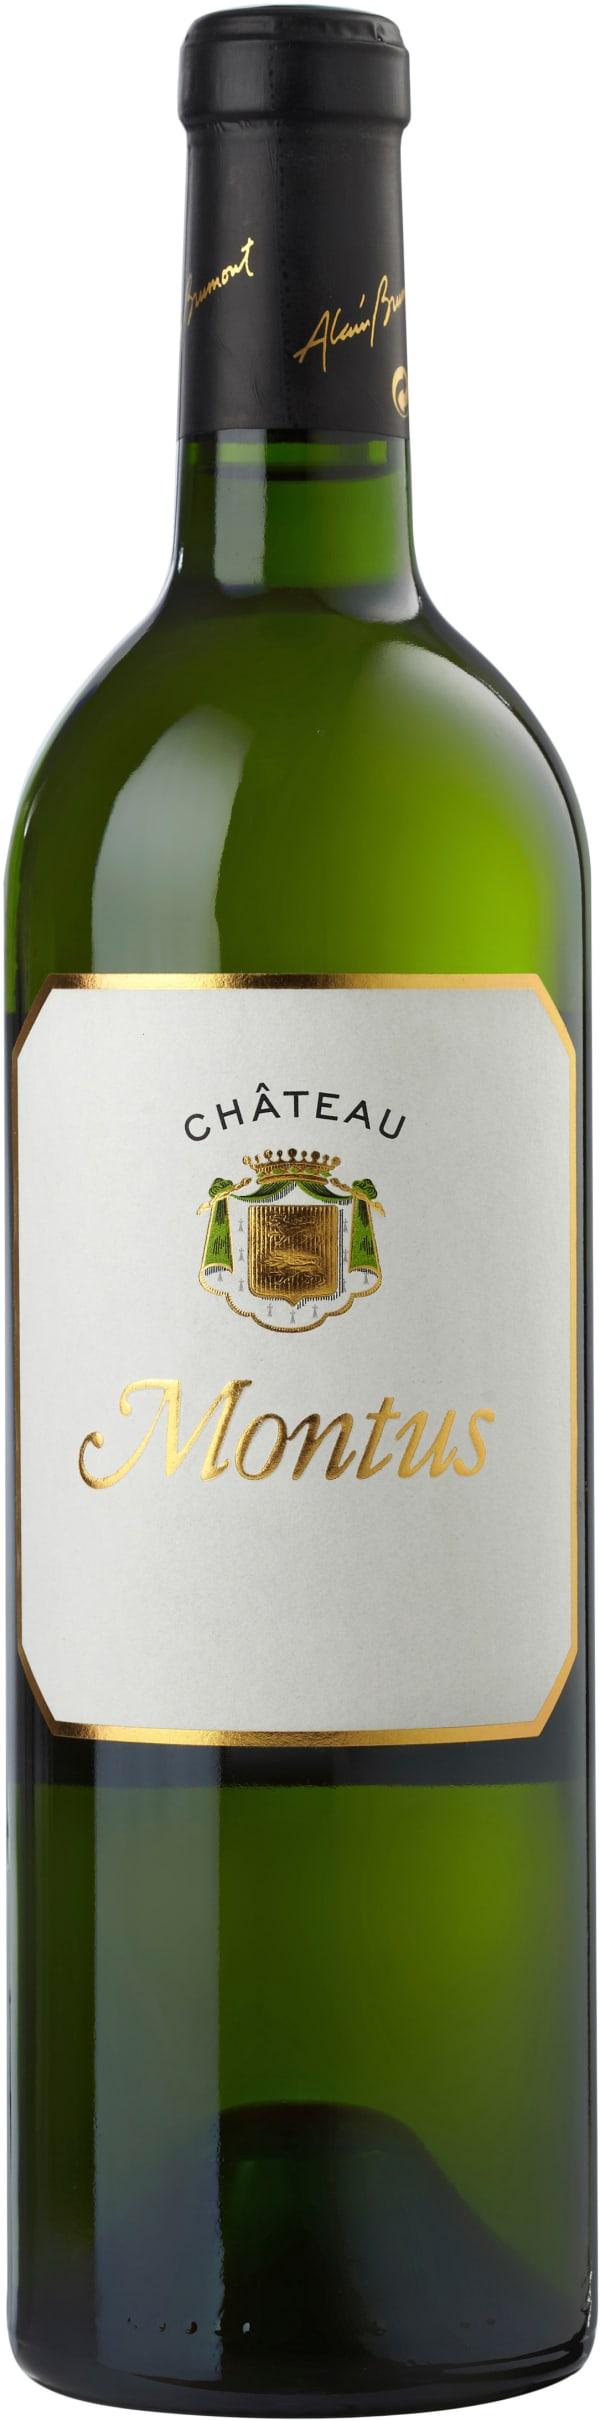 Château Montus 2012